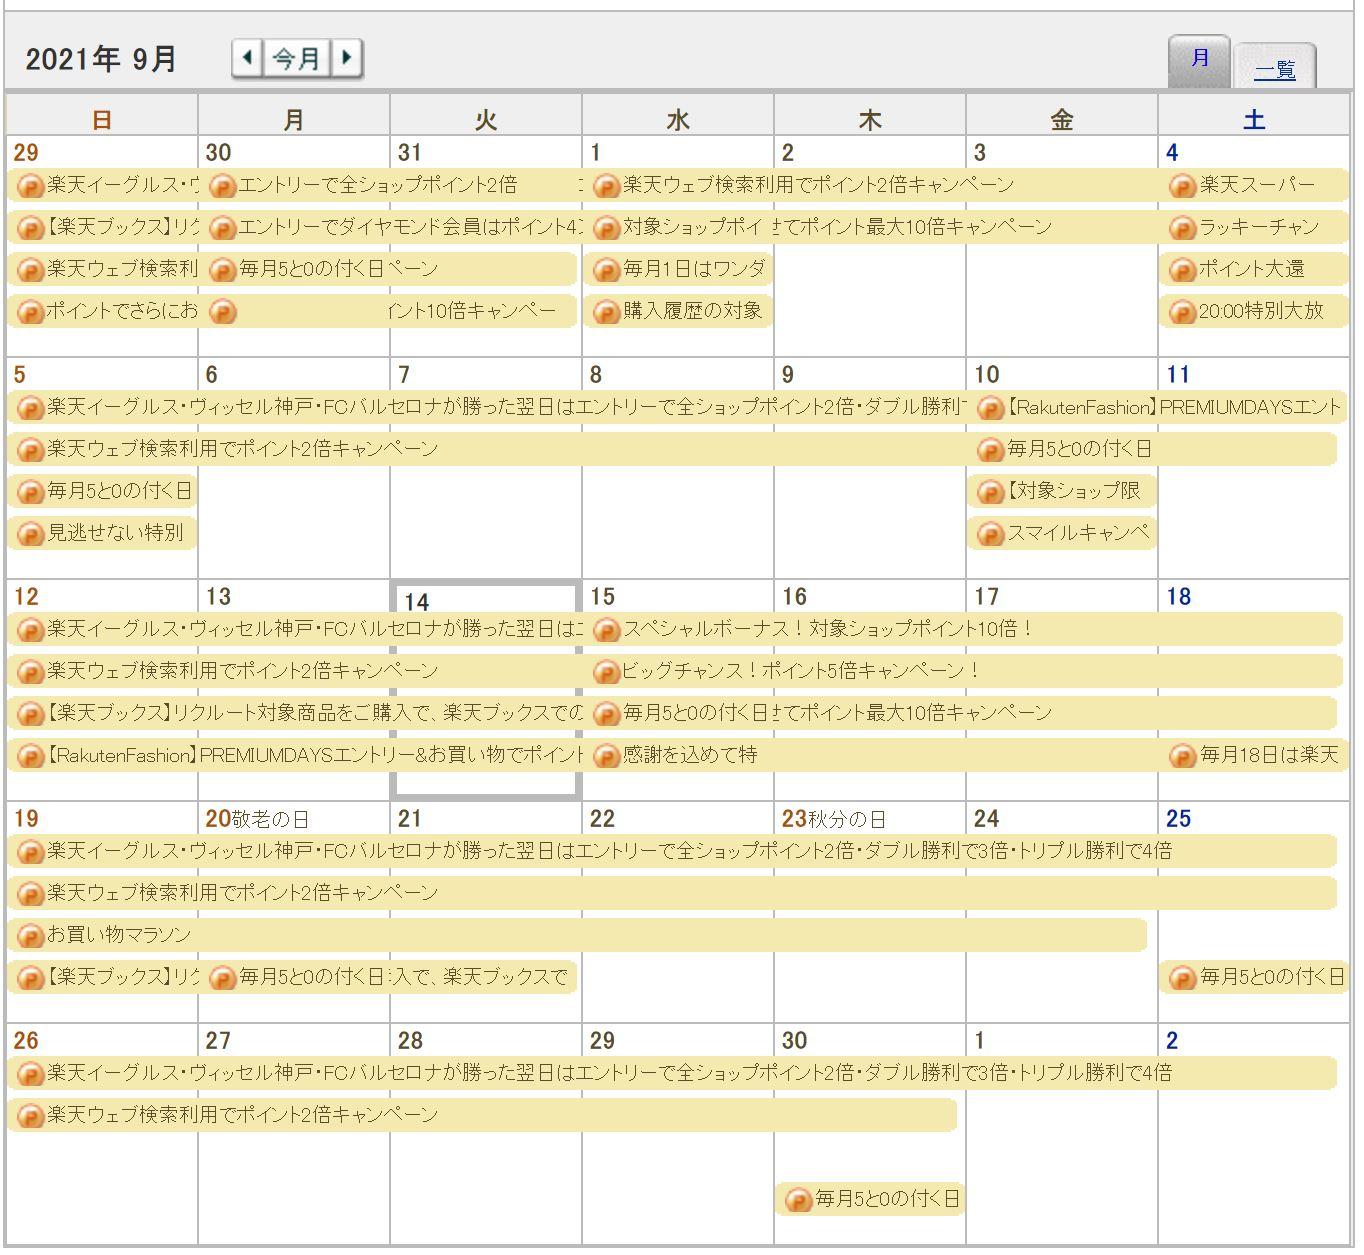 ★★楽天セールのカレンダー